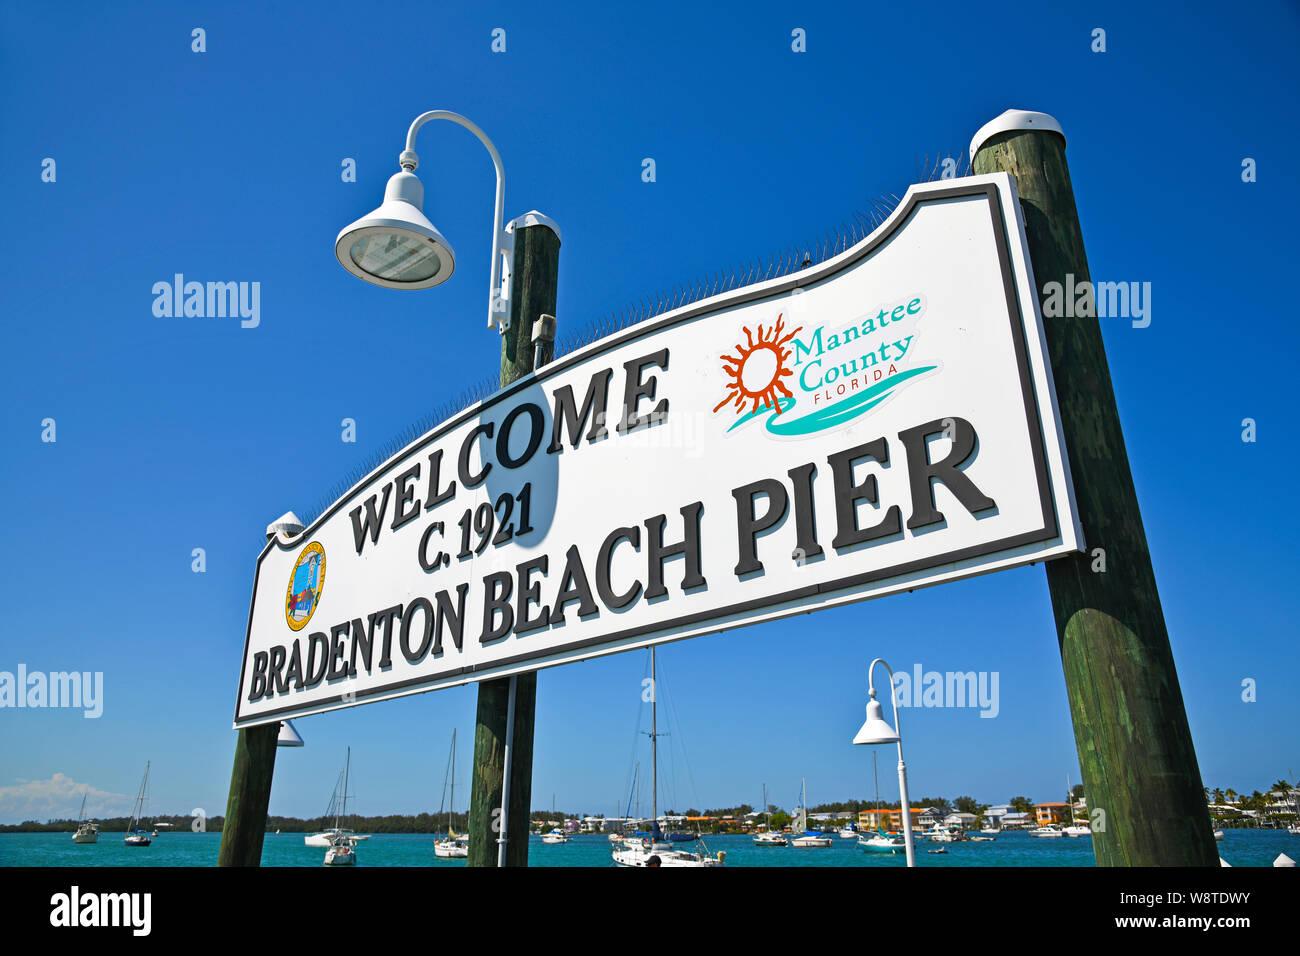 Bradenton Beach Stock Photos & Bradenton Beach Stock Images